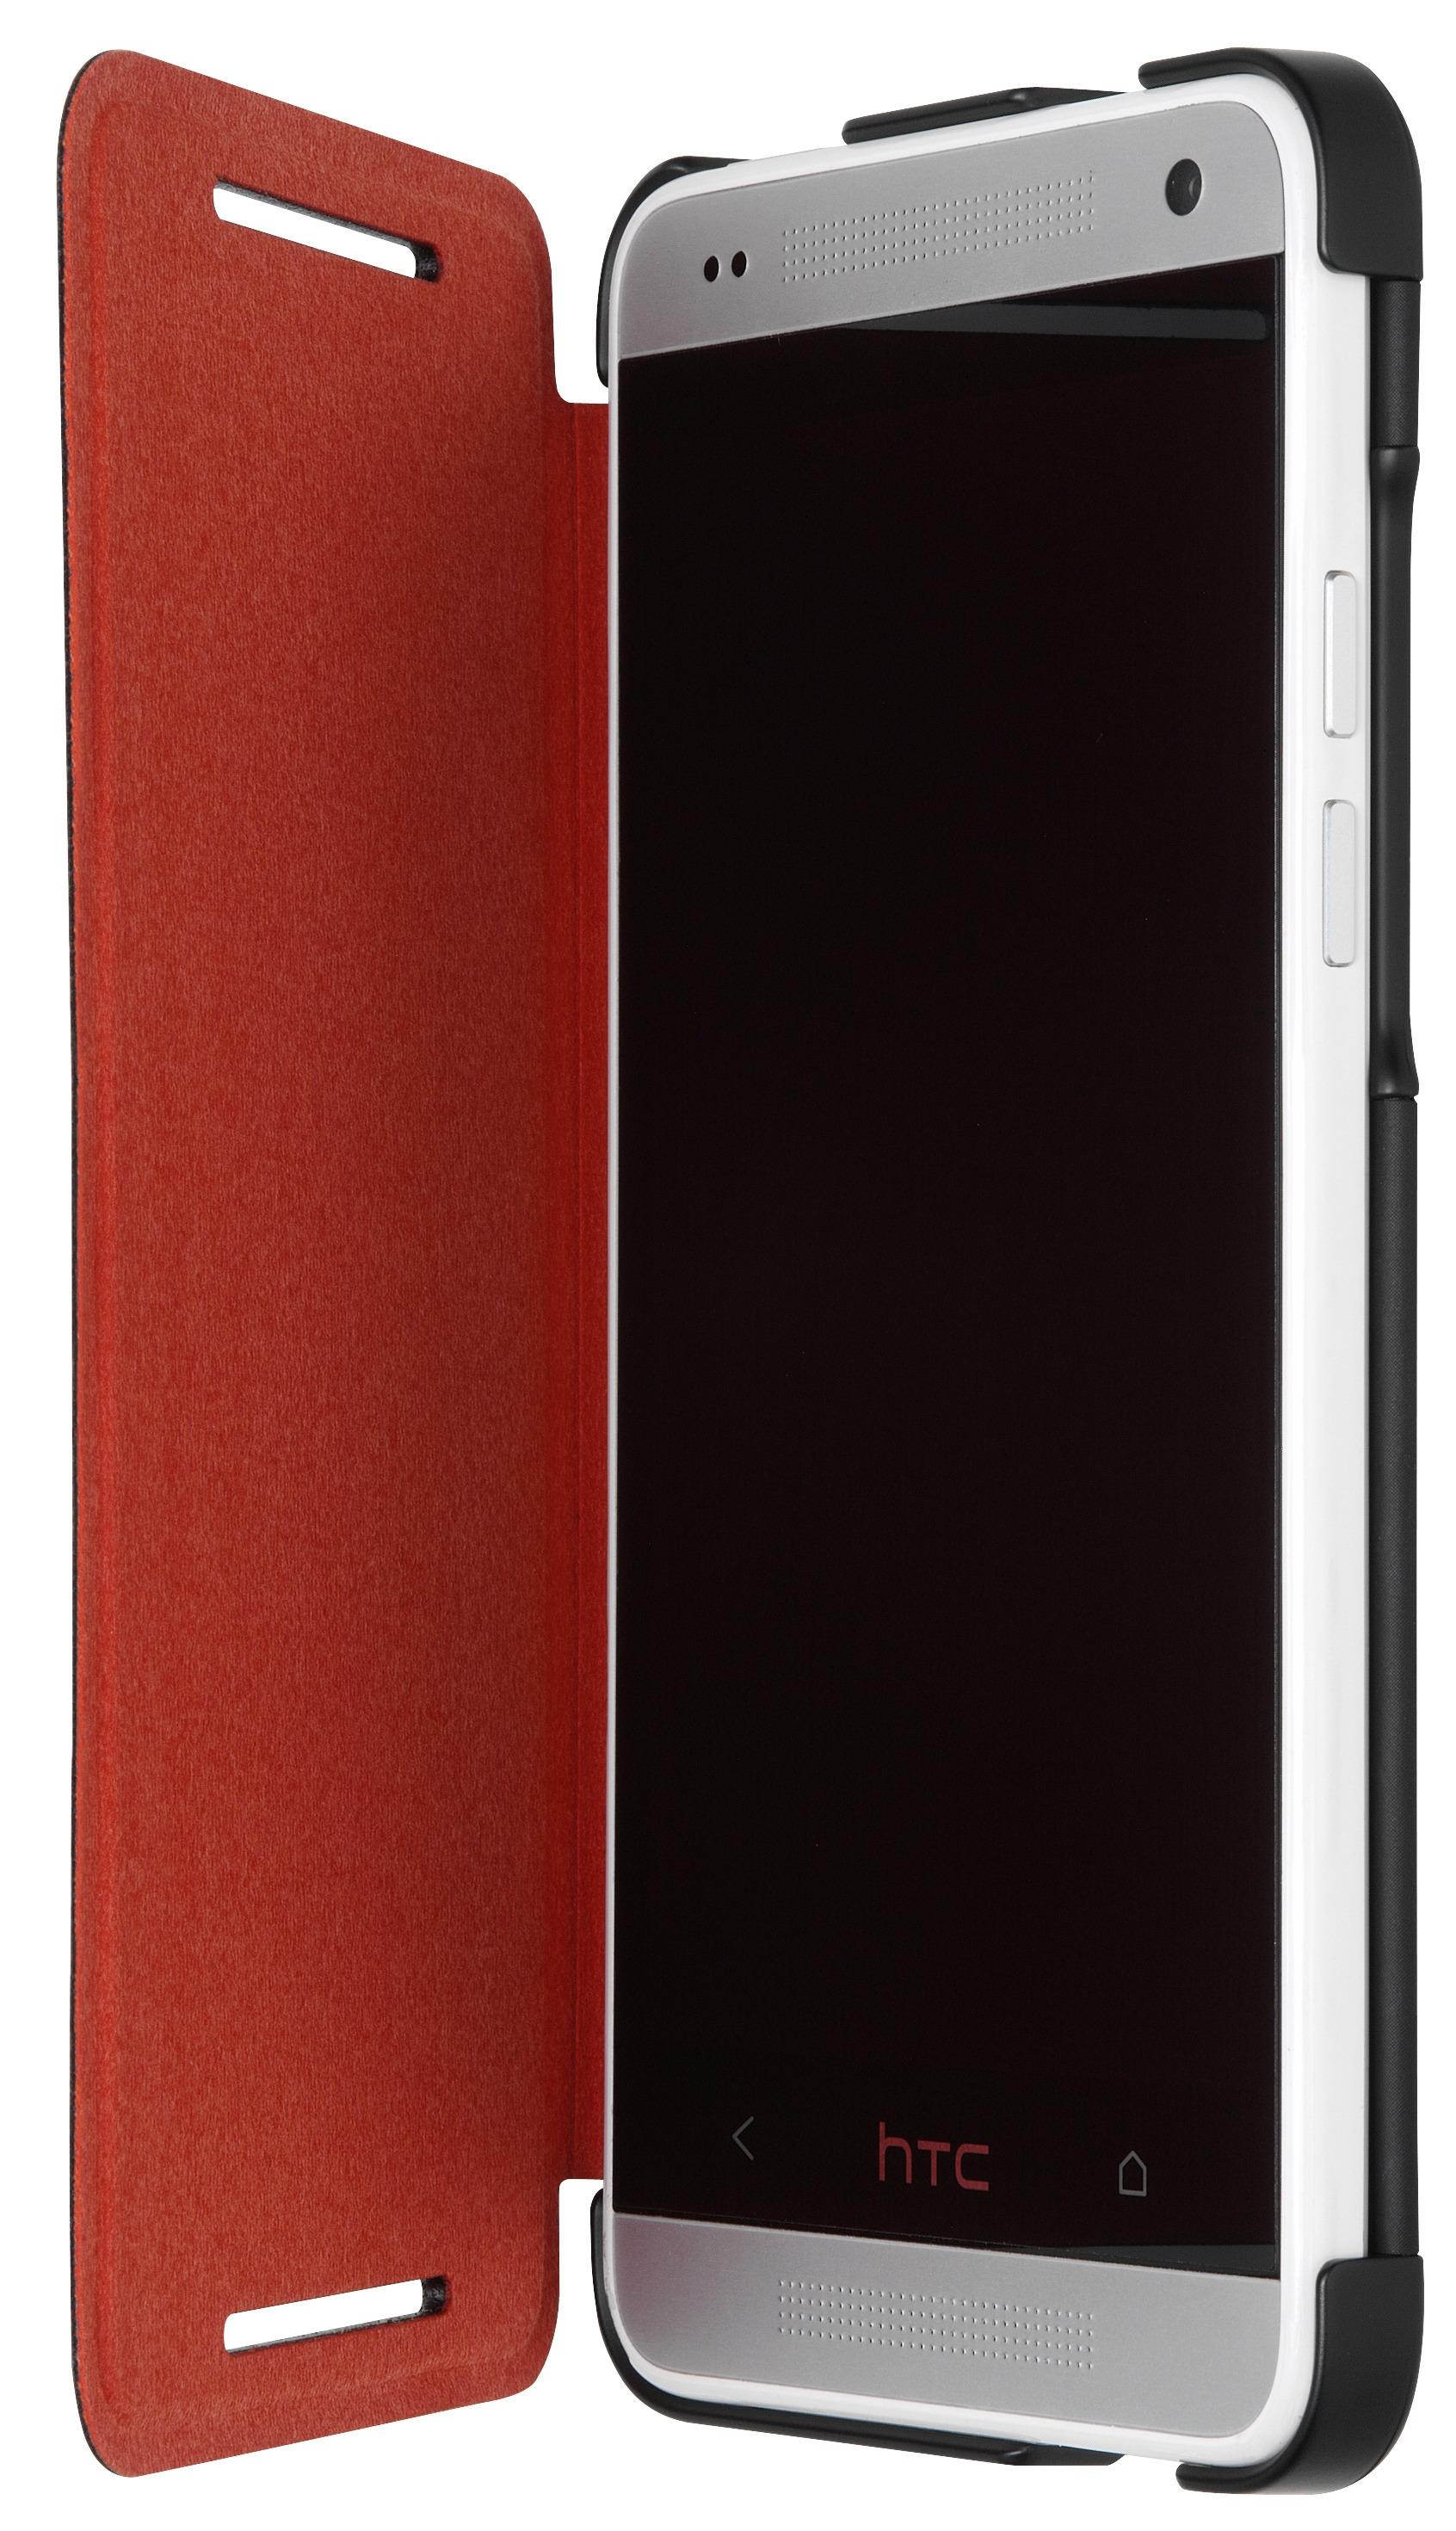 HTC One mini Flip Case suojakotelo, musta/punainen